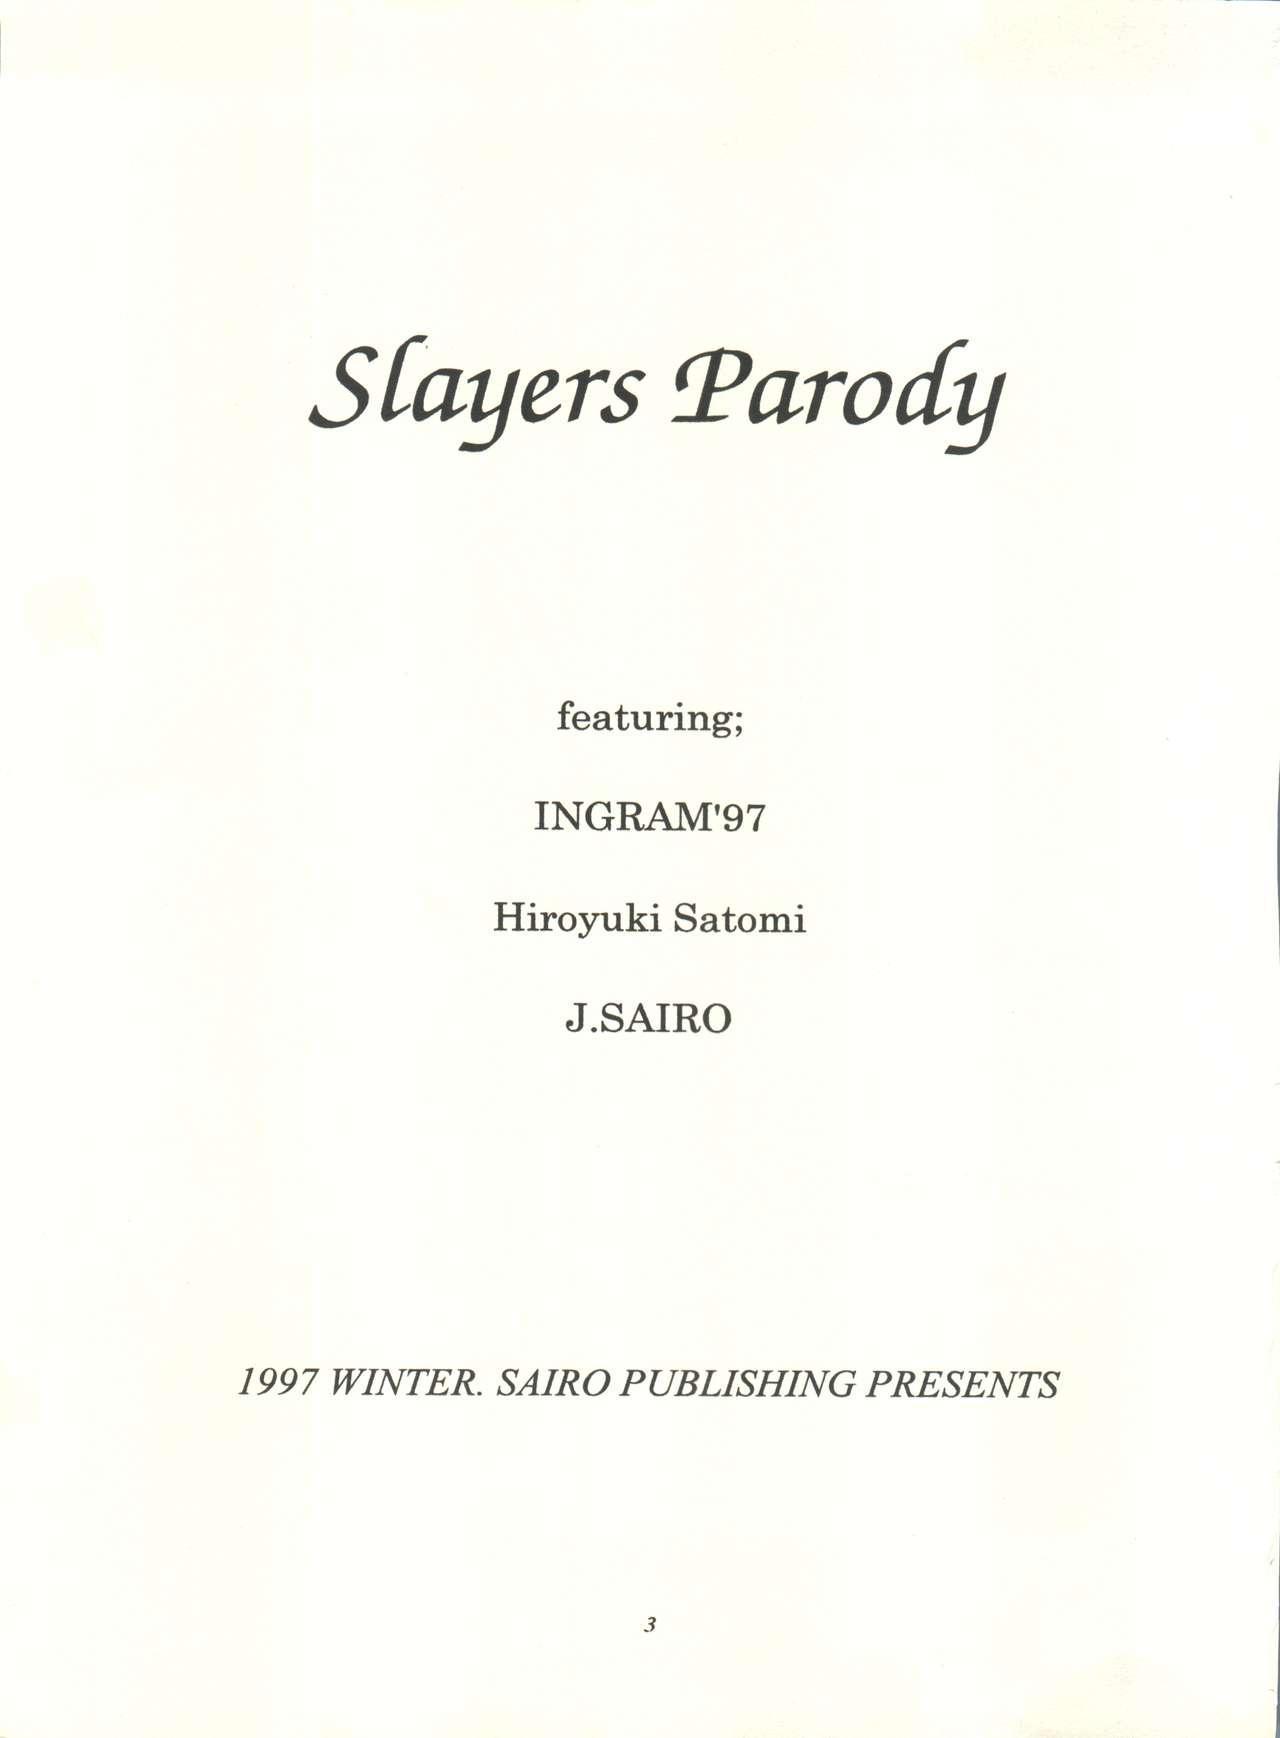 Slayers Parody 2